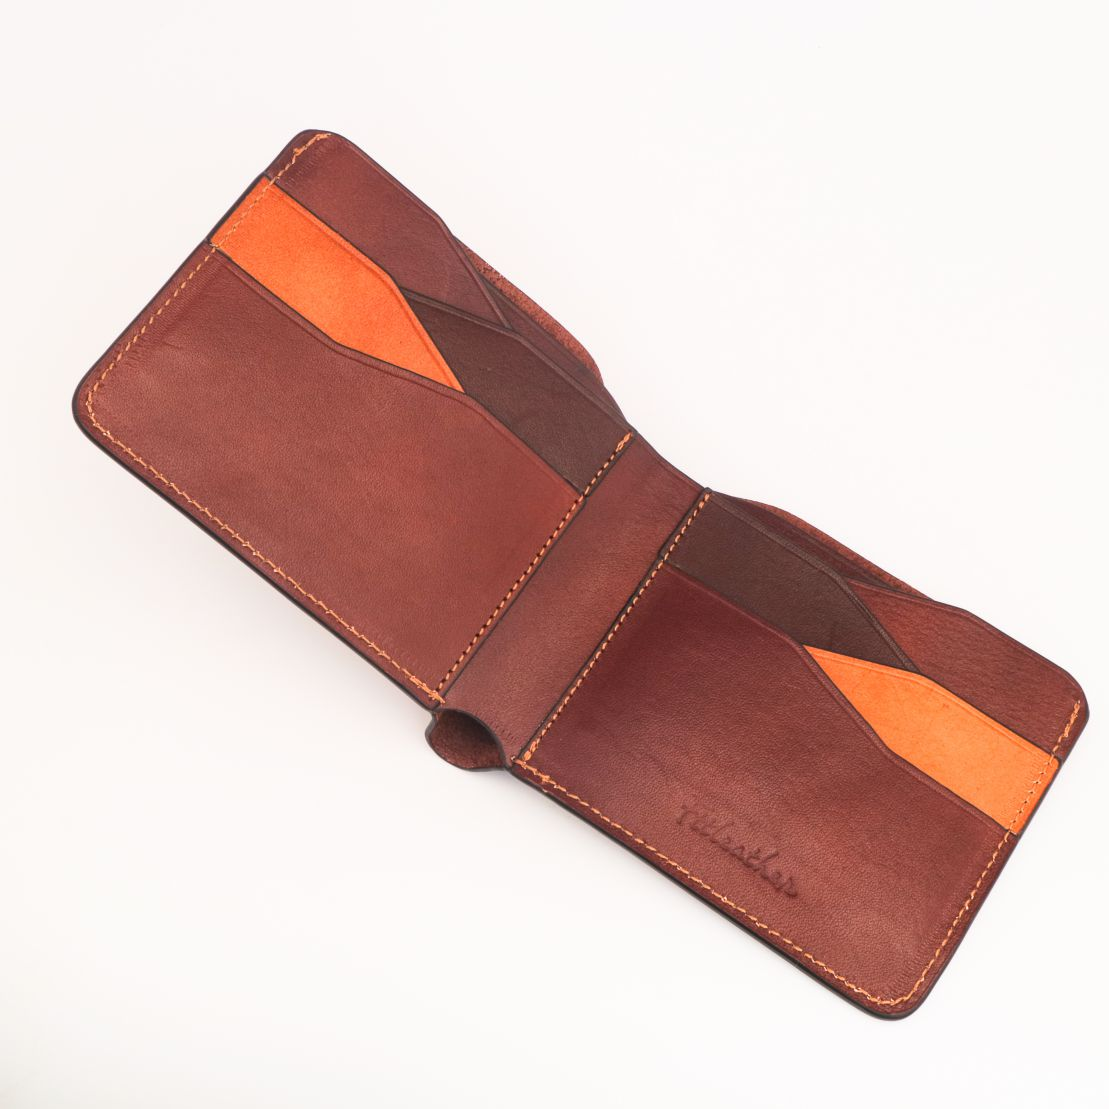 Ví da handmade màu cà phê – FTT Leather mã V01010550CH